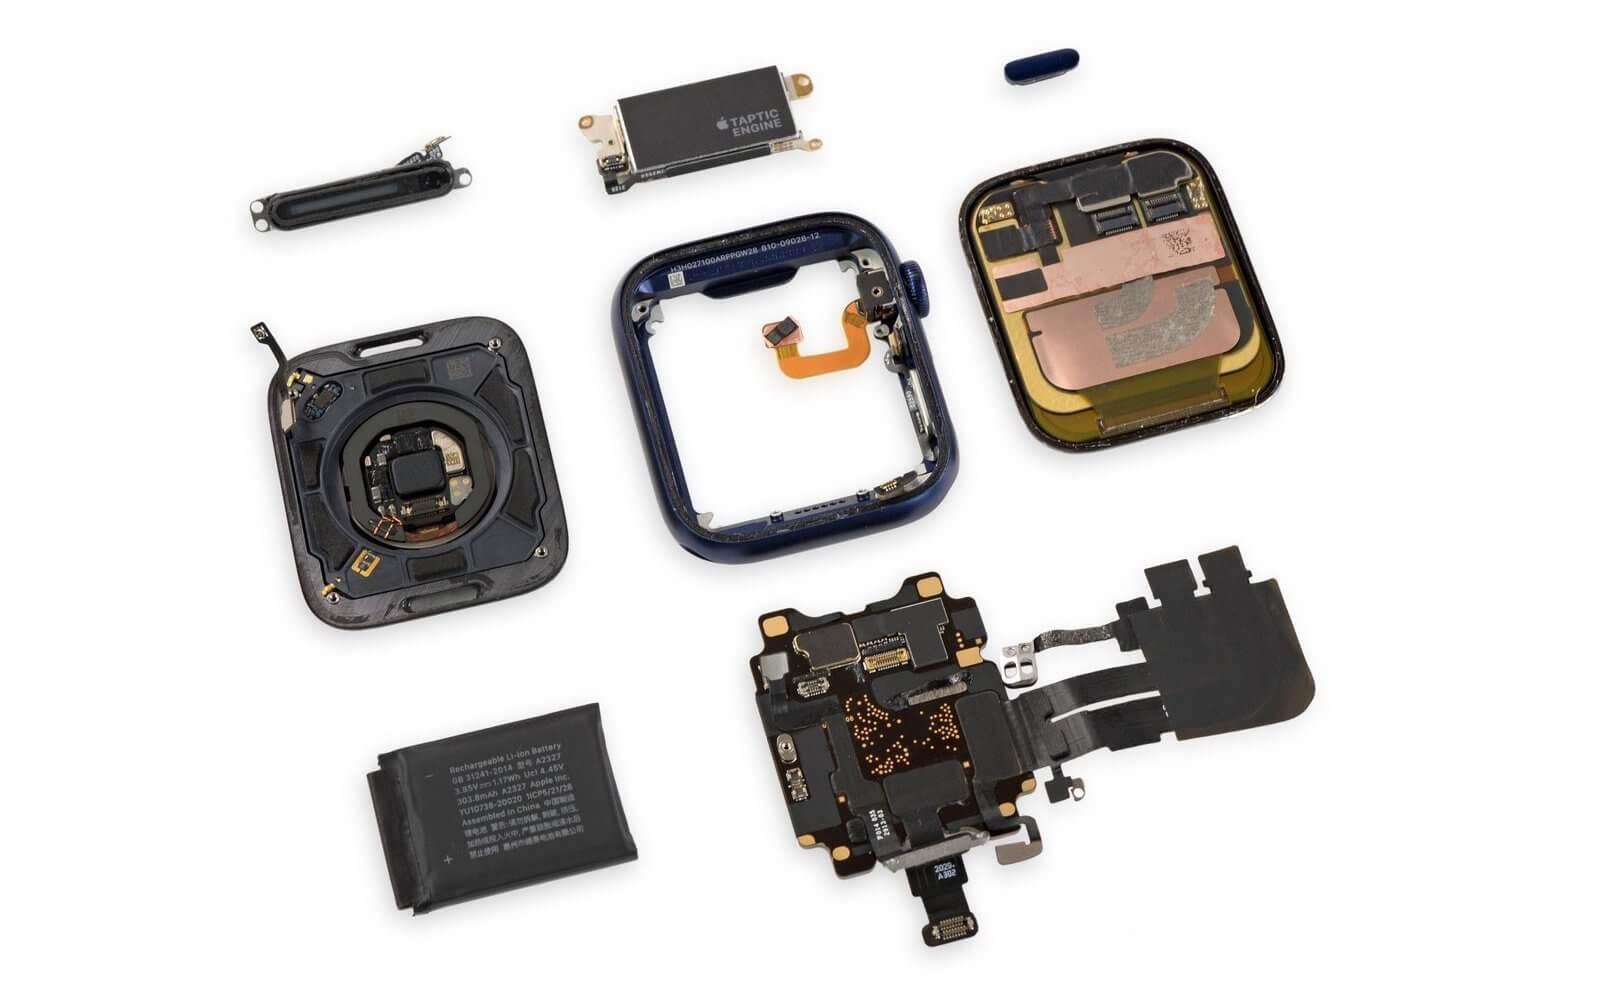 iFixit оценил ремонтопригодность Apple Watch Series 6 в 6 баллов из 10